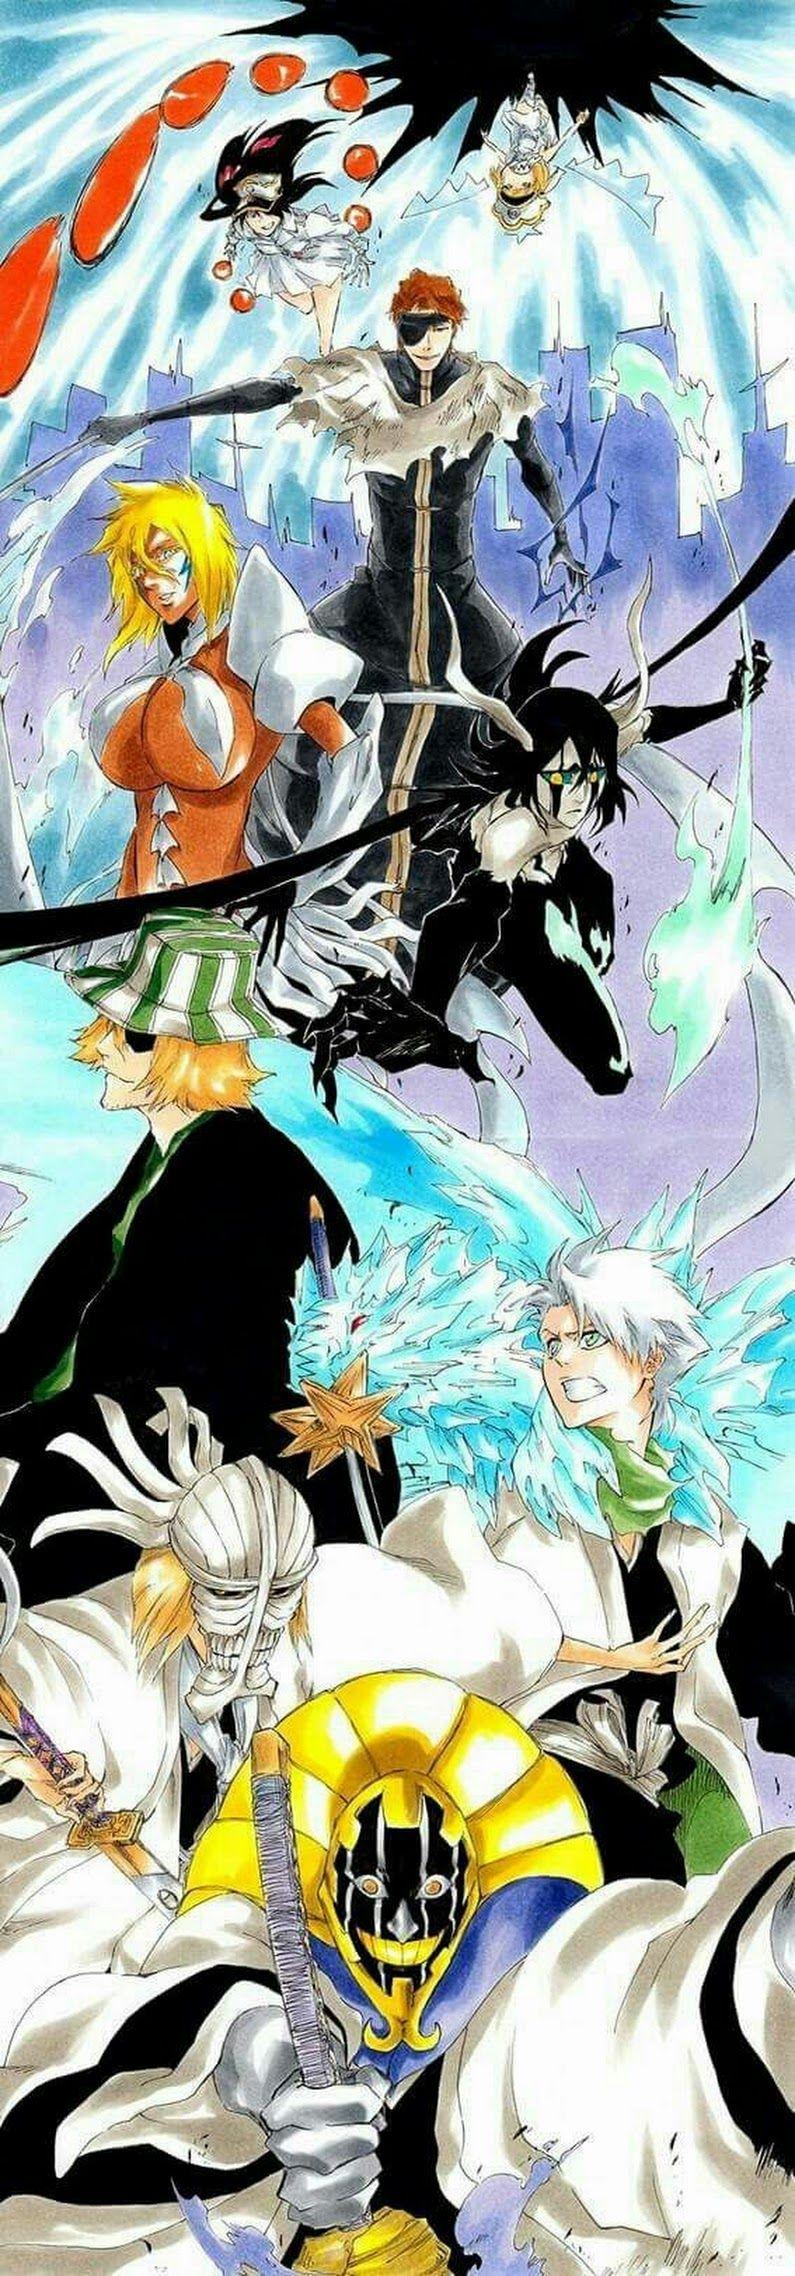 Bleach Naruto mangá colorido, Anime, Aizen